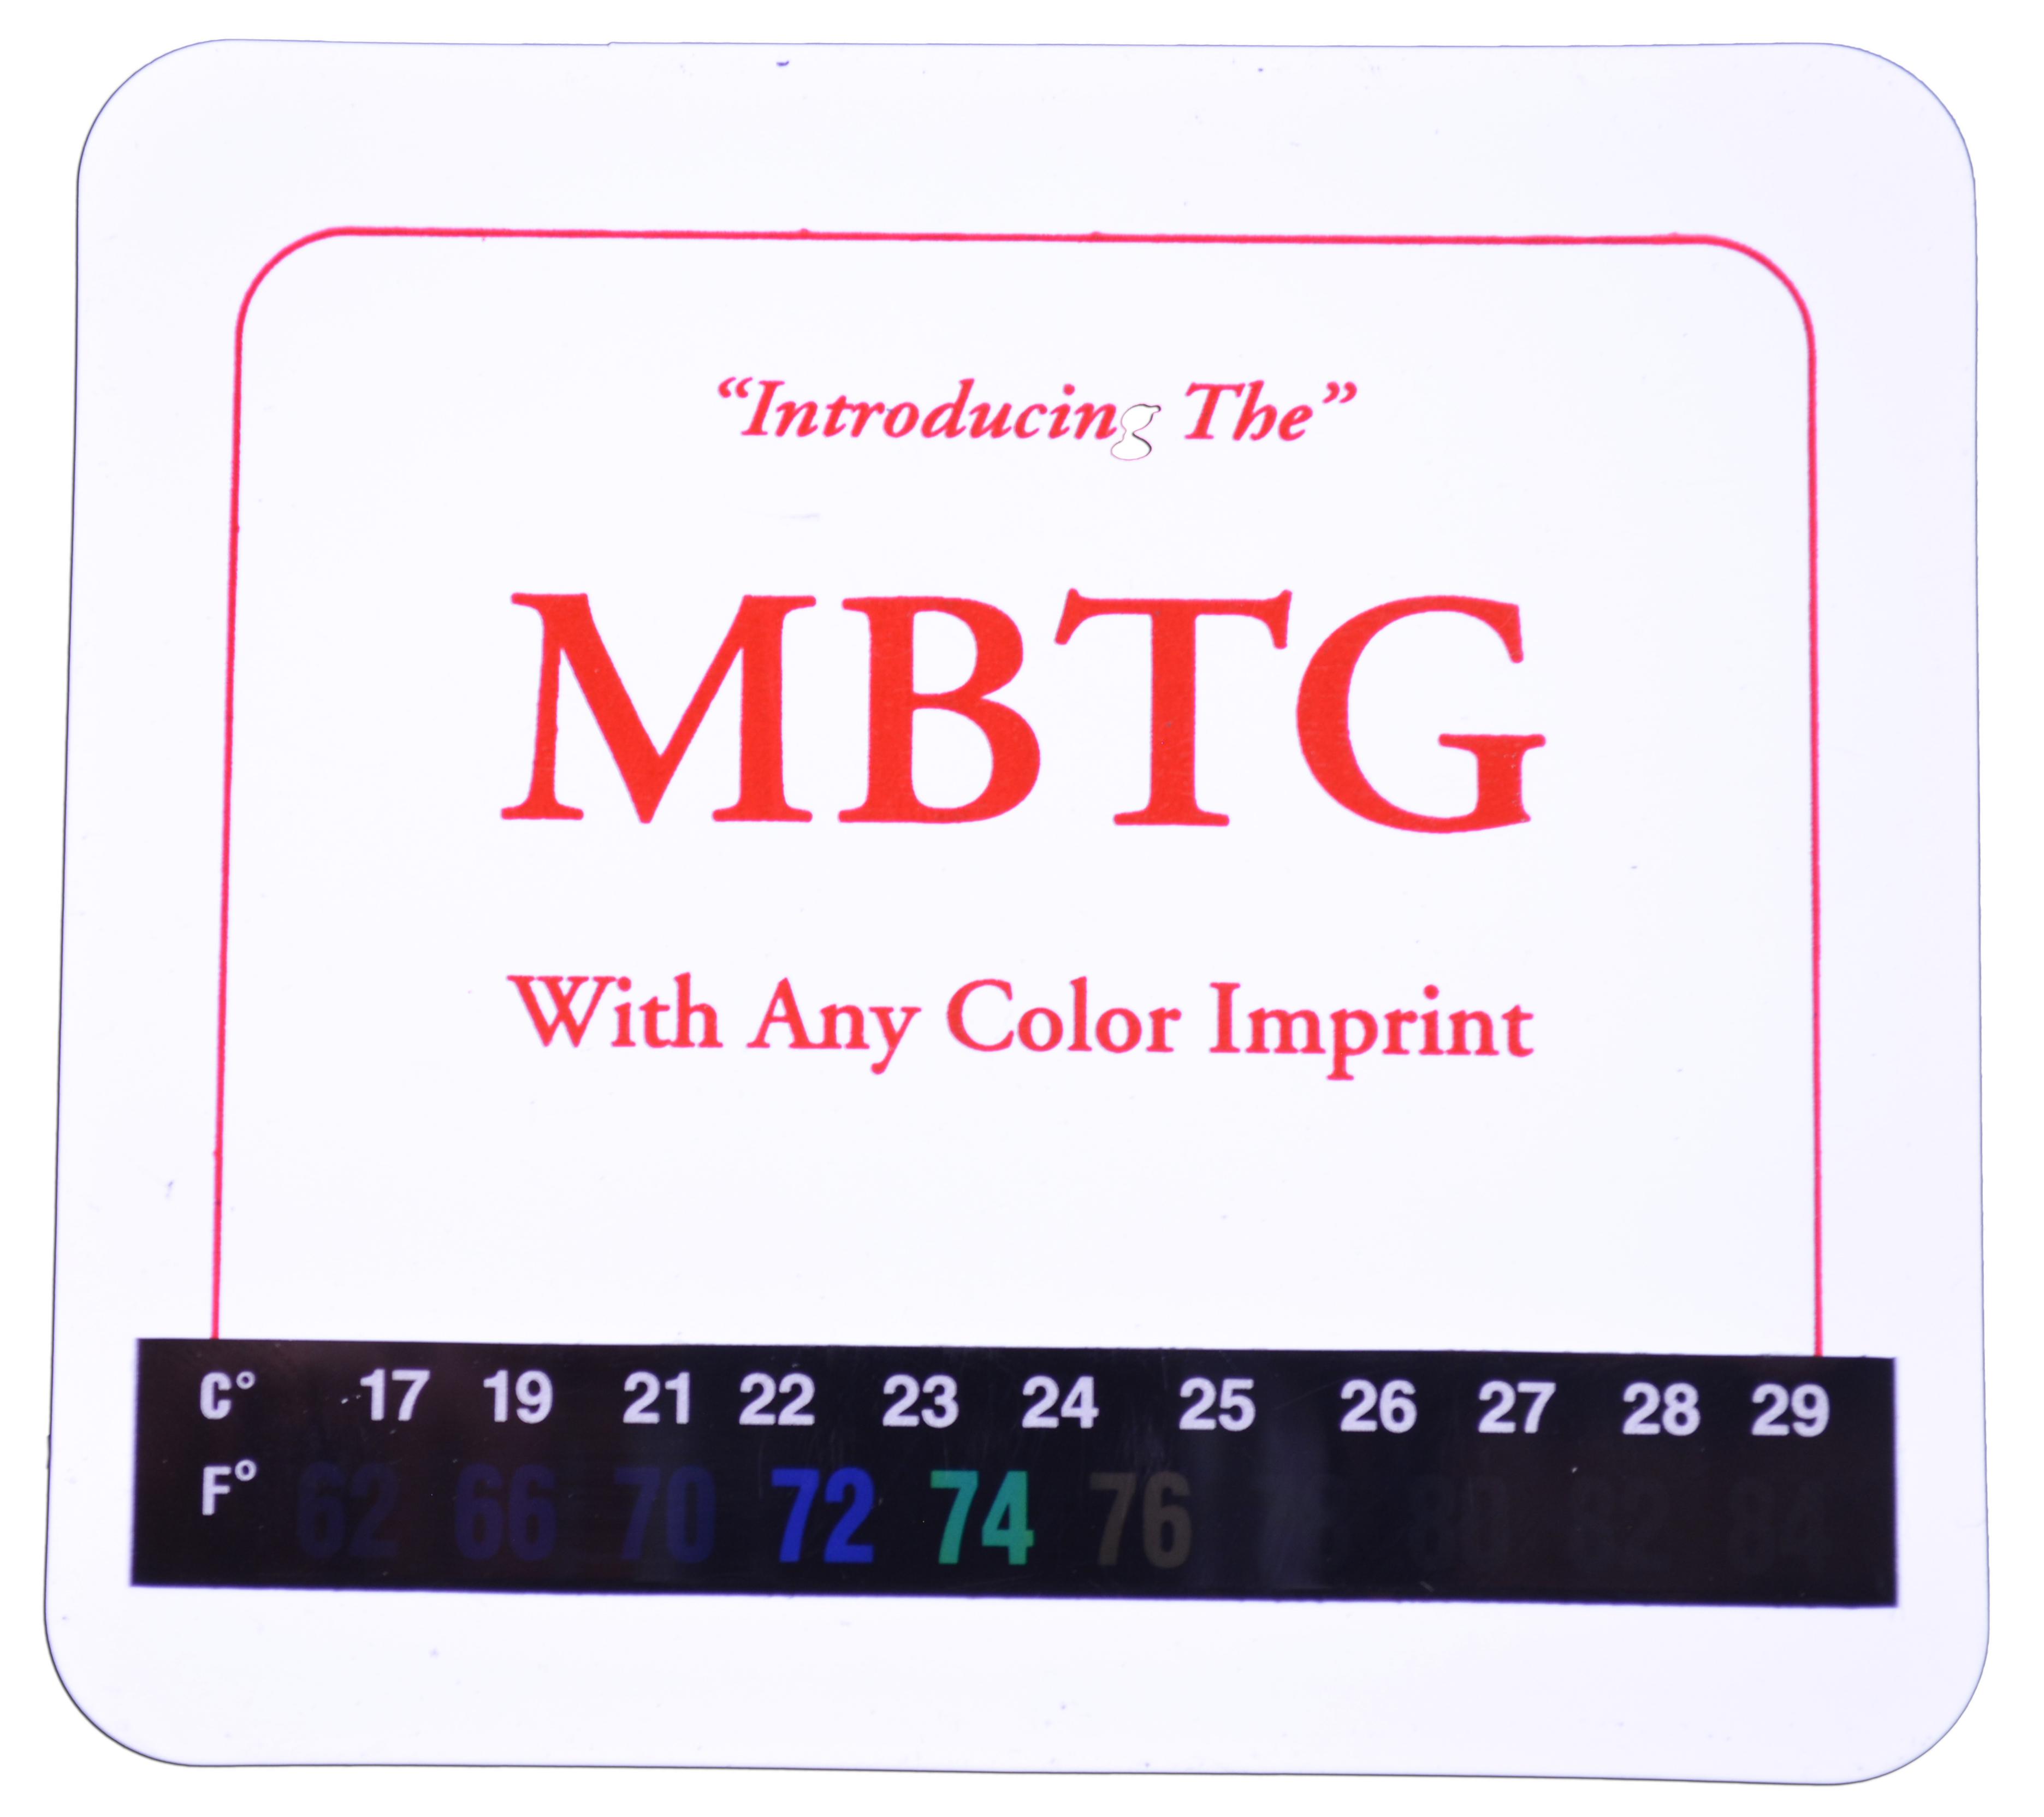 MBTG Image